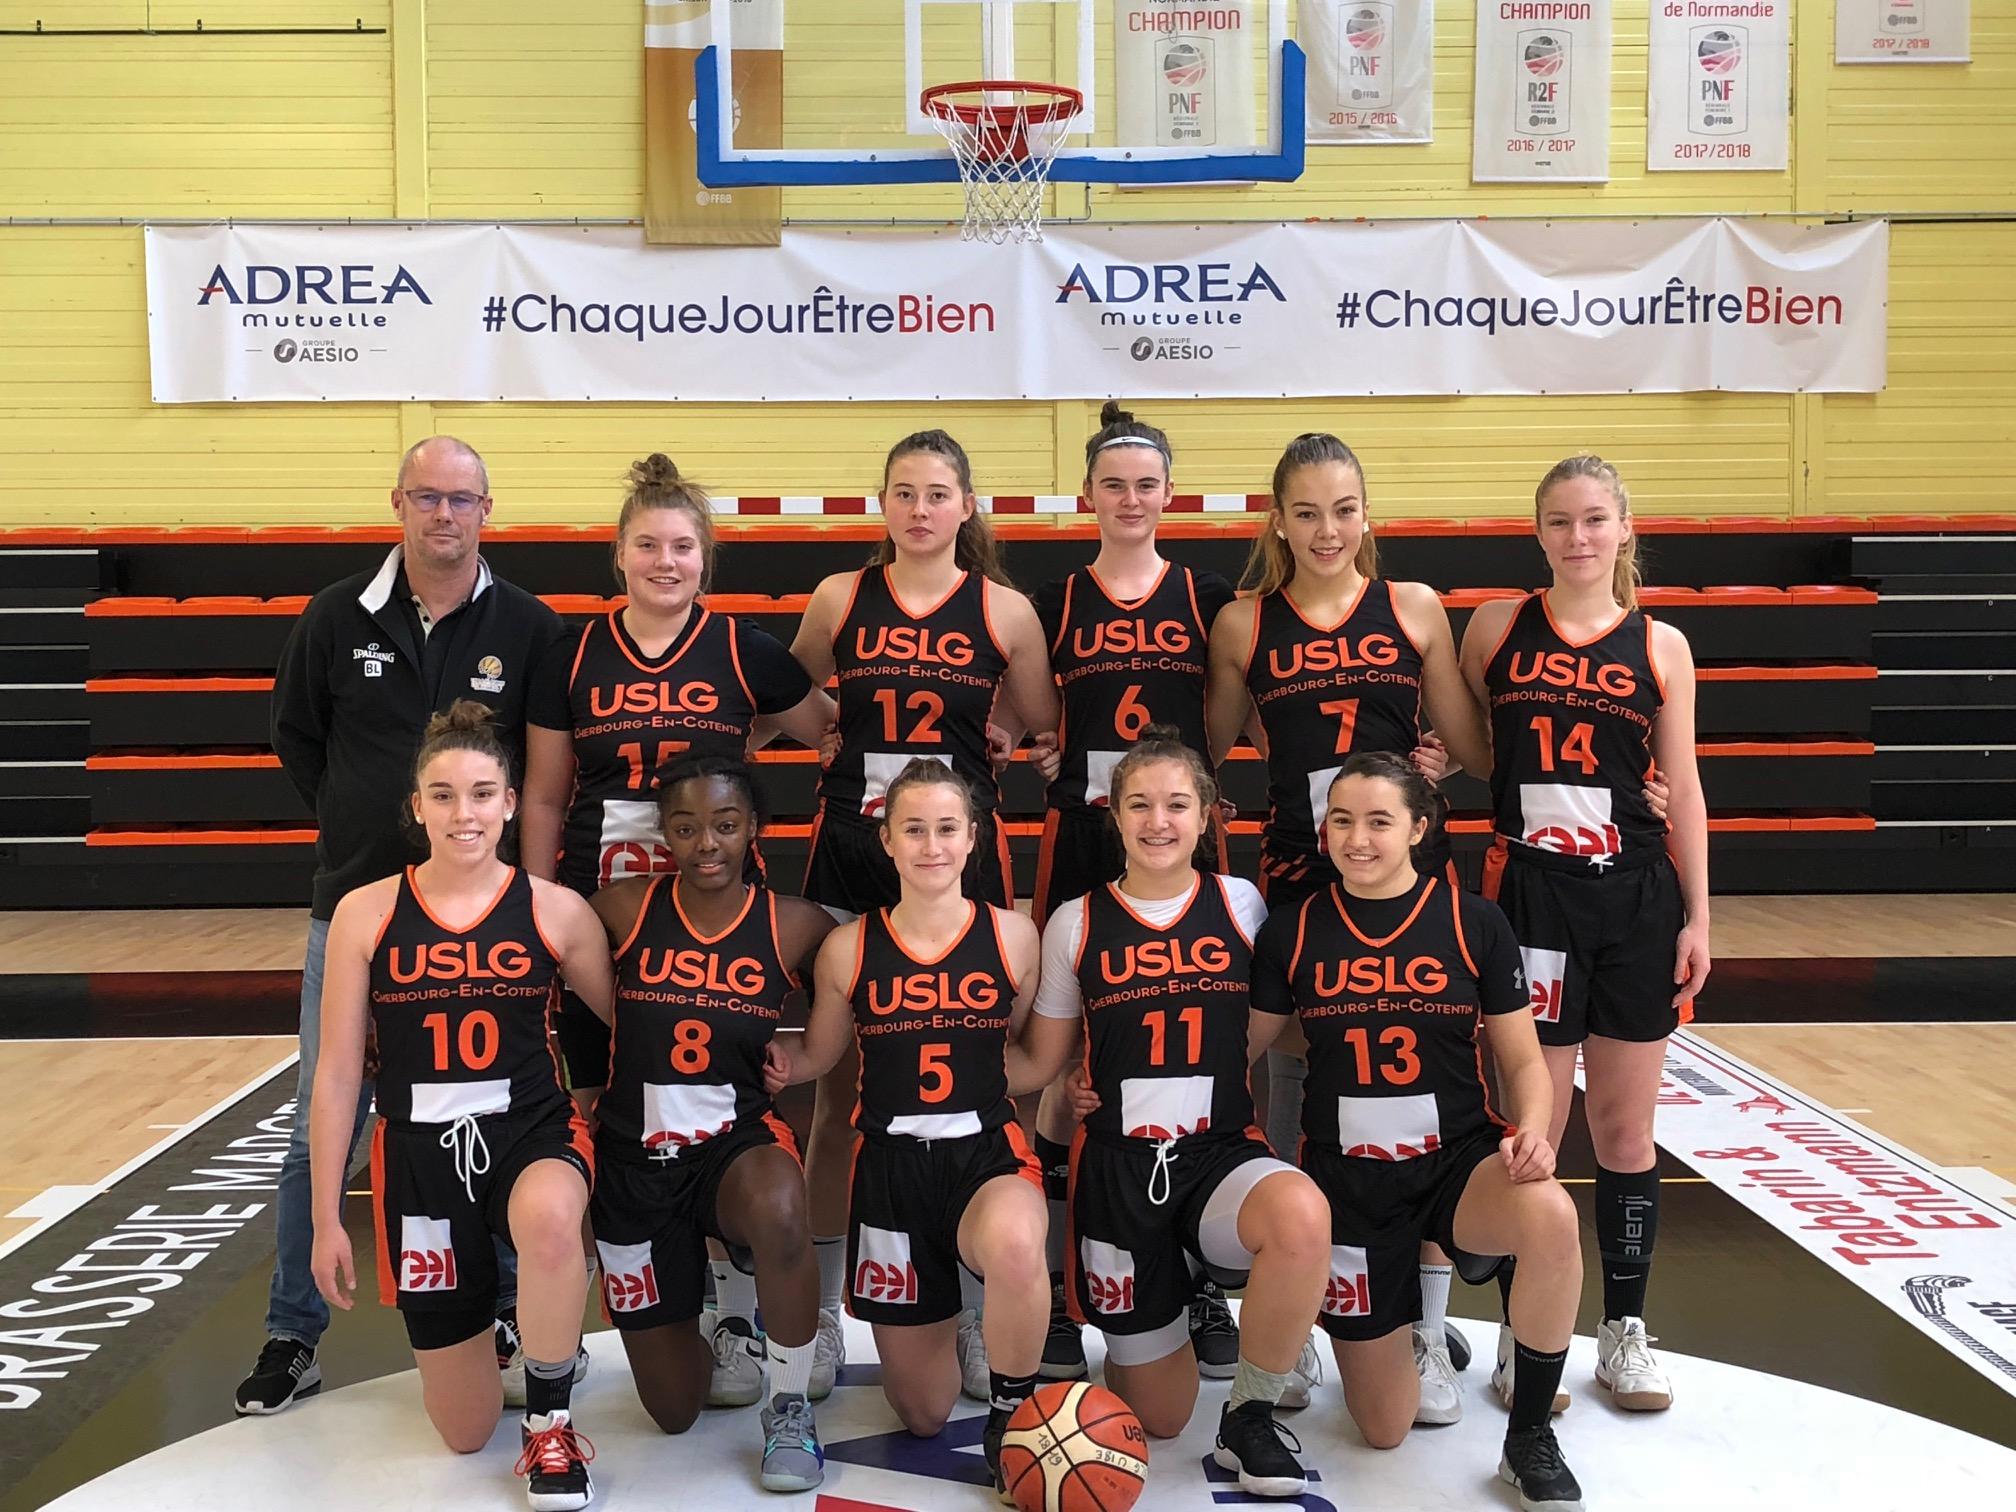 Tournoi amical U18 France – NF3